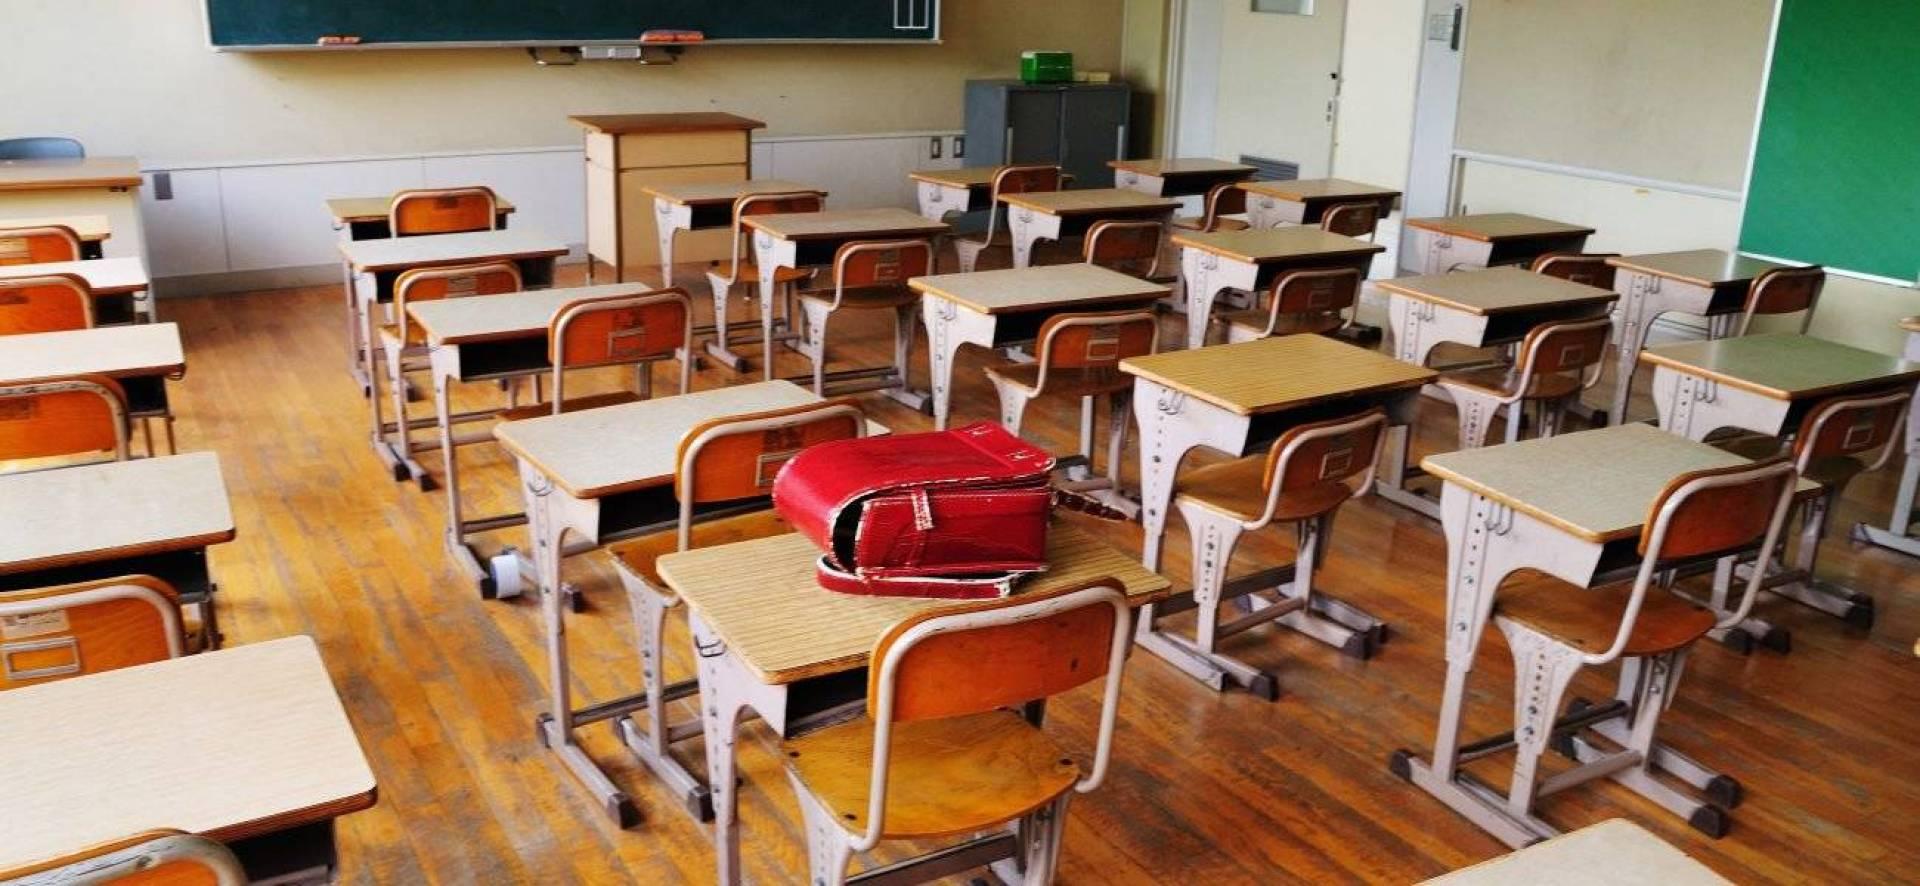 صور صور عن المدرسة , اجمل صور عن المدرسة